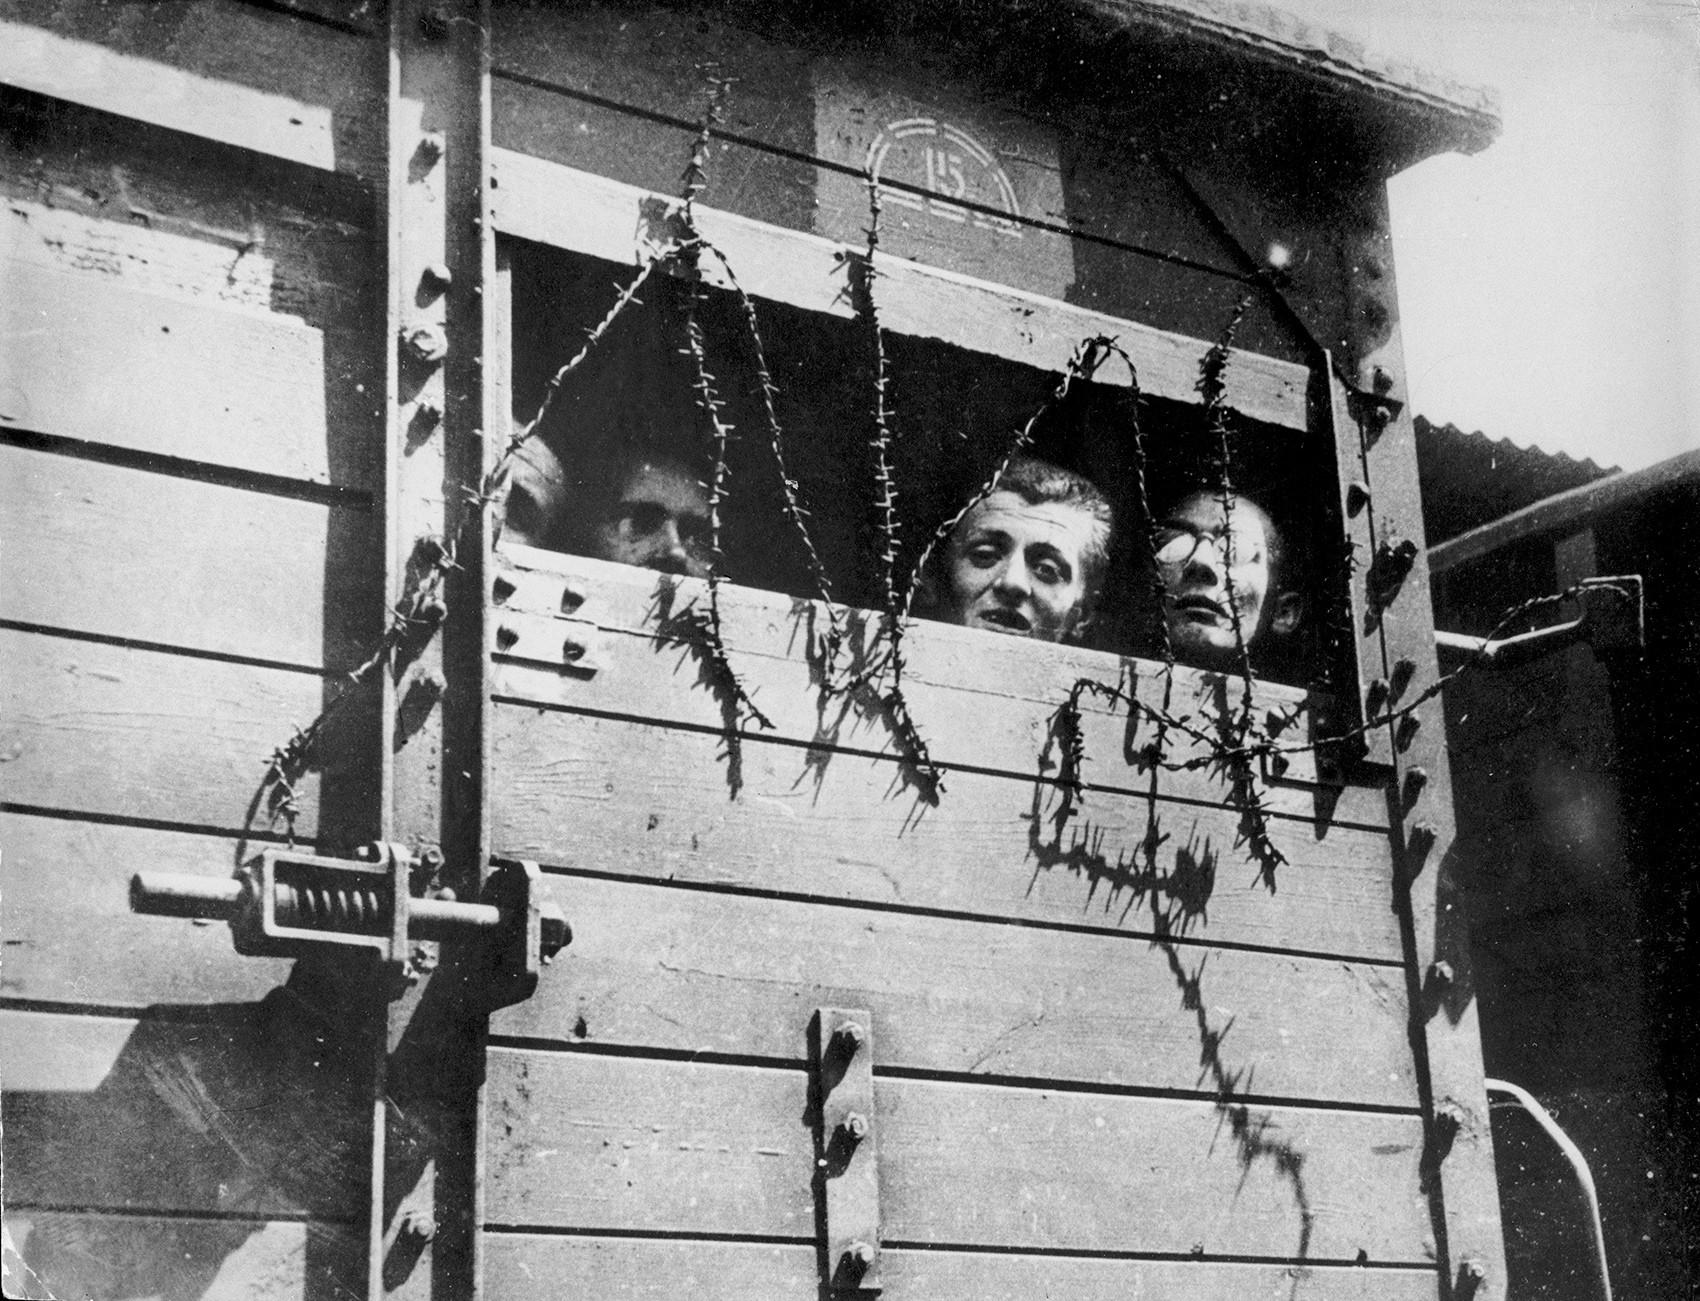 """Транспортировка в концентрационный лагерь в Польше. В отличие от """"пассажиров"""" этих вагонов, Бейрле сумел выжить и сражаться."""